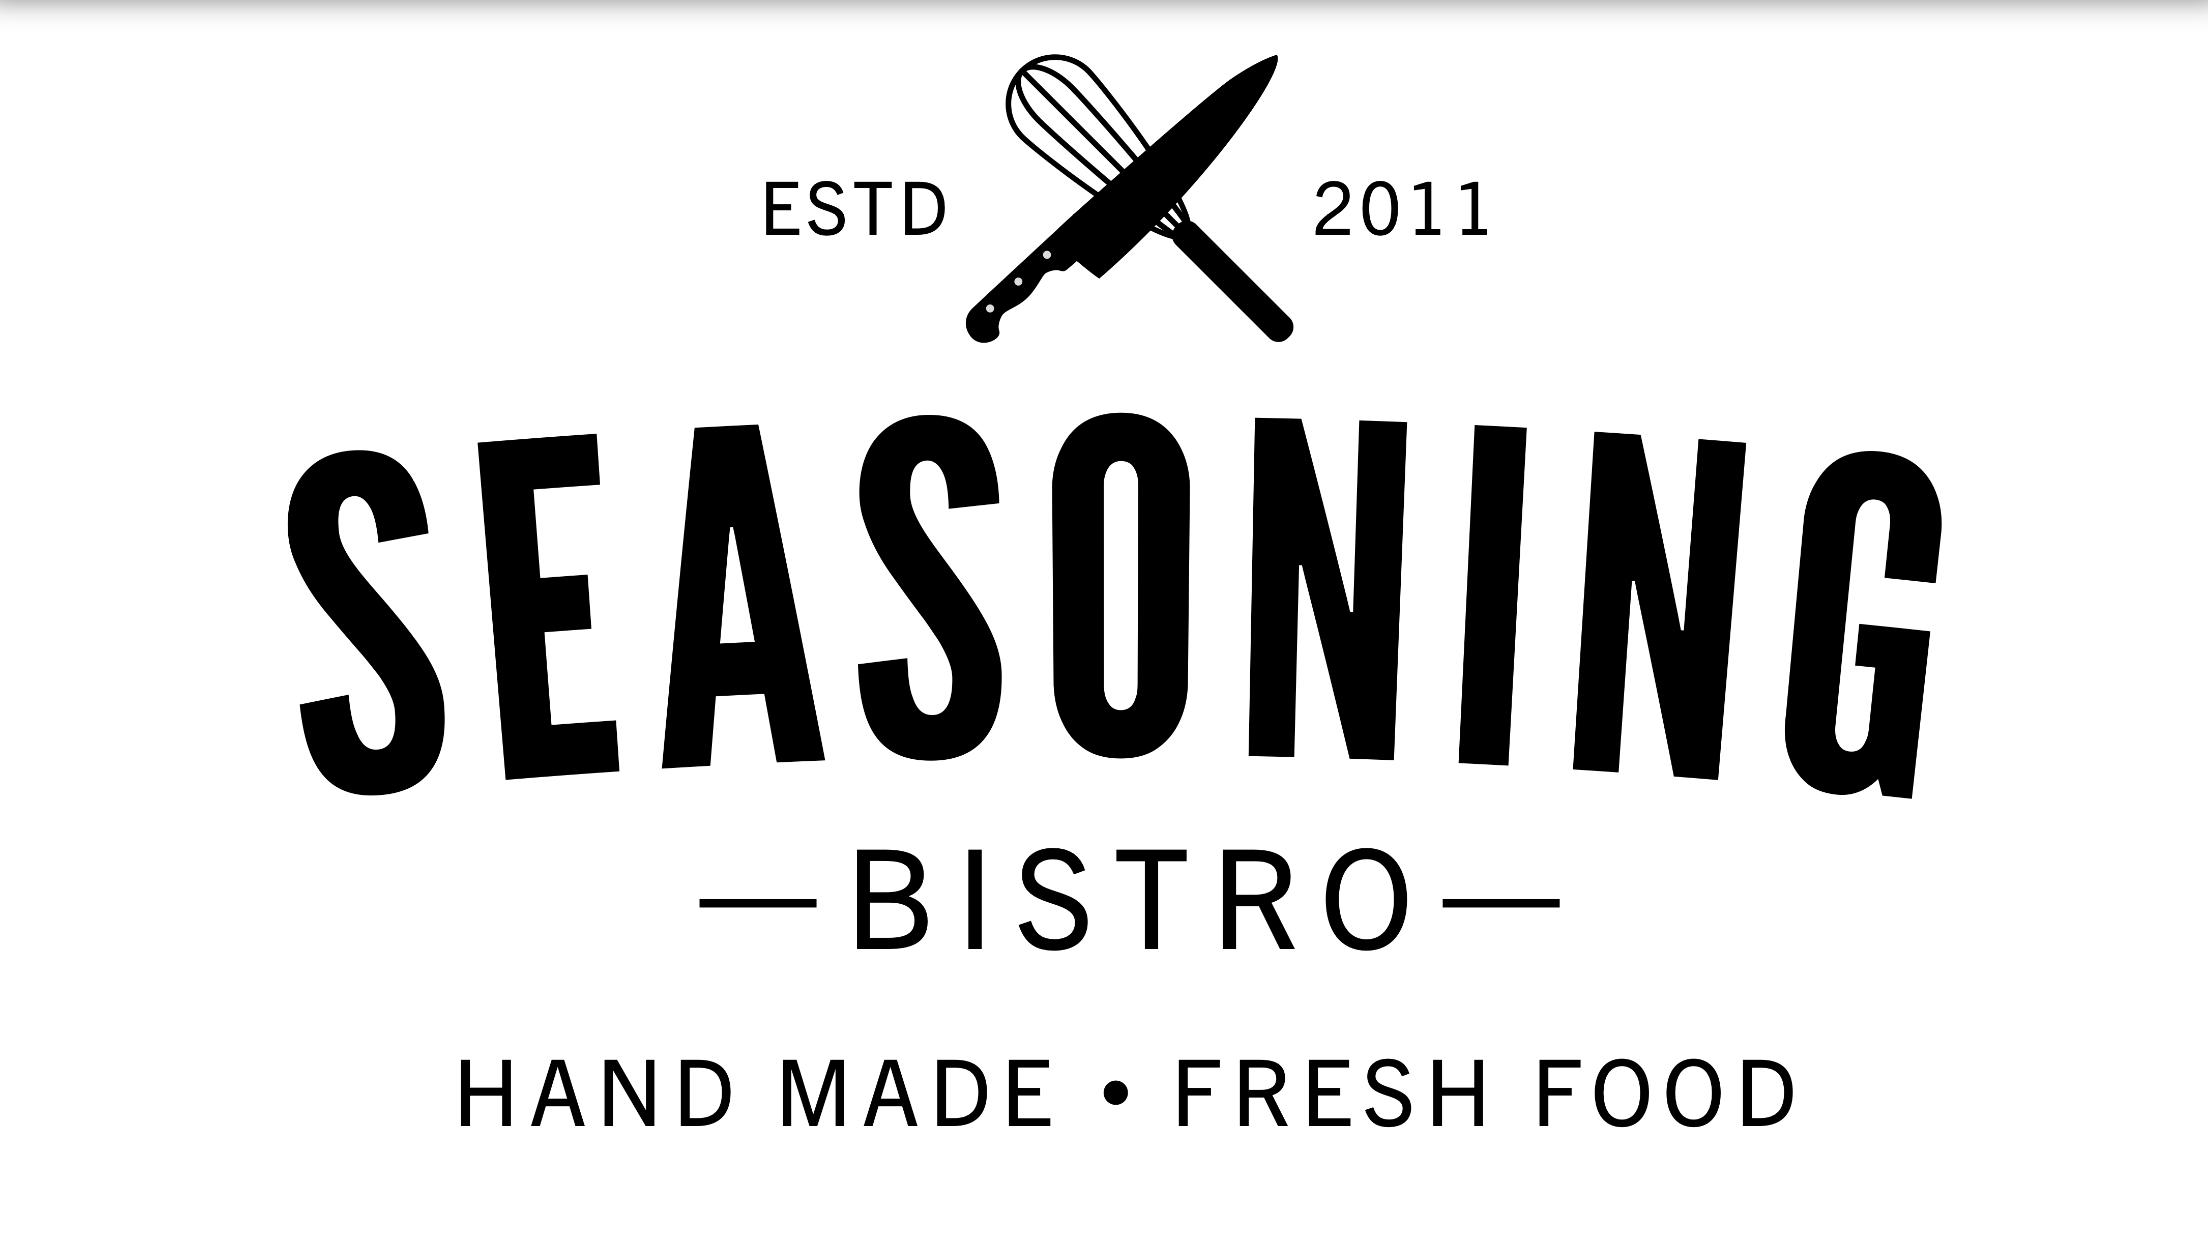 Seasoning Bistro